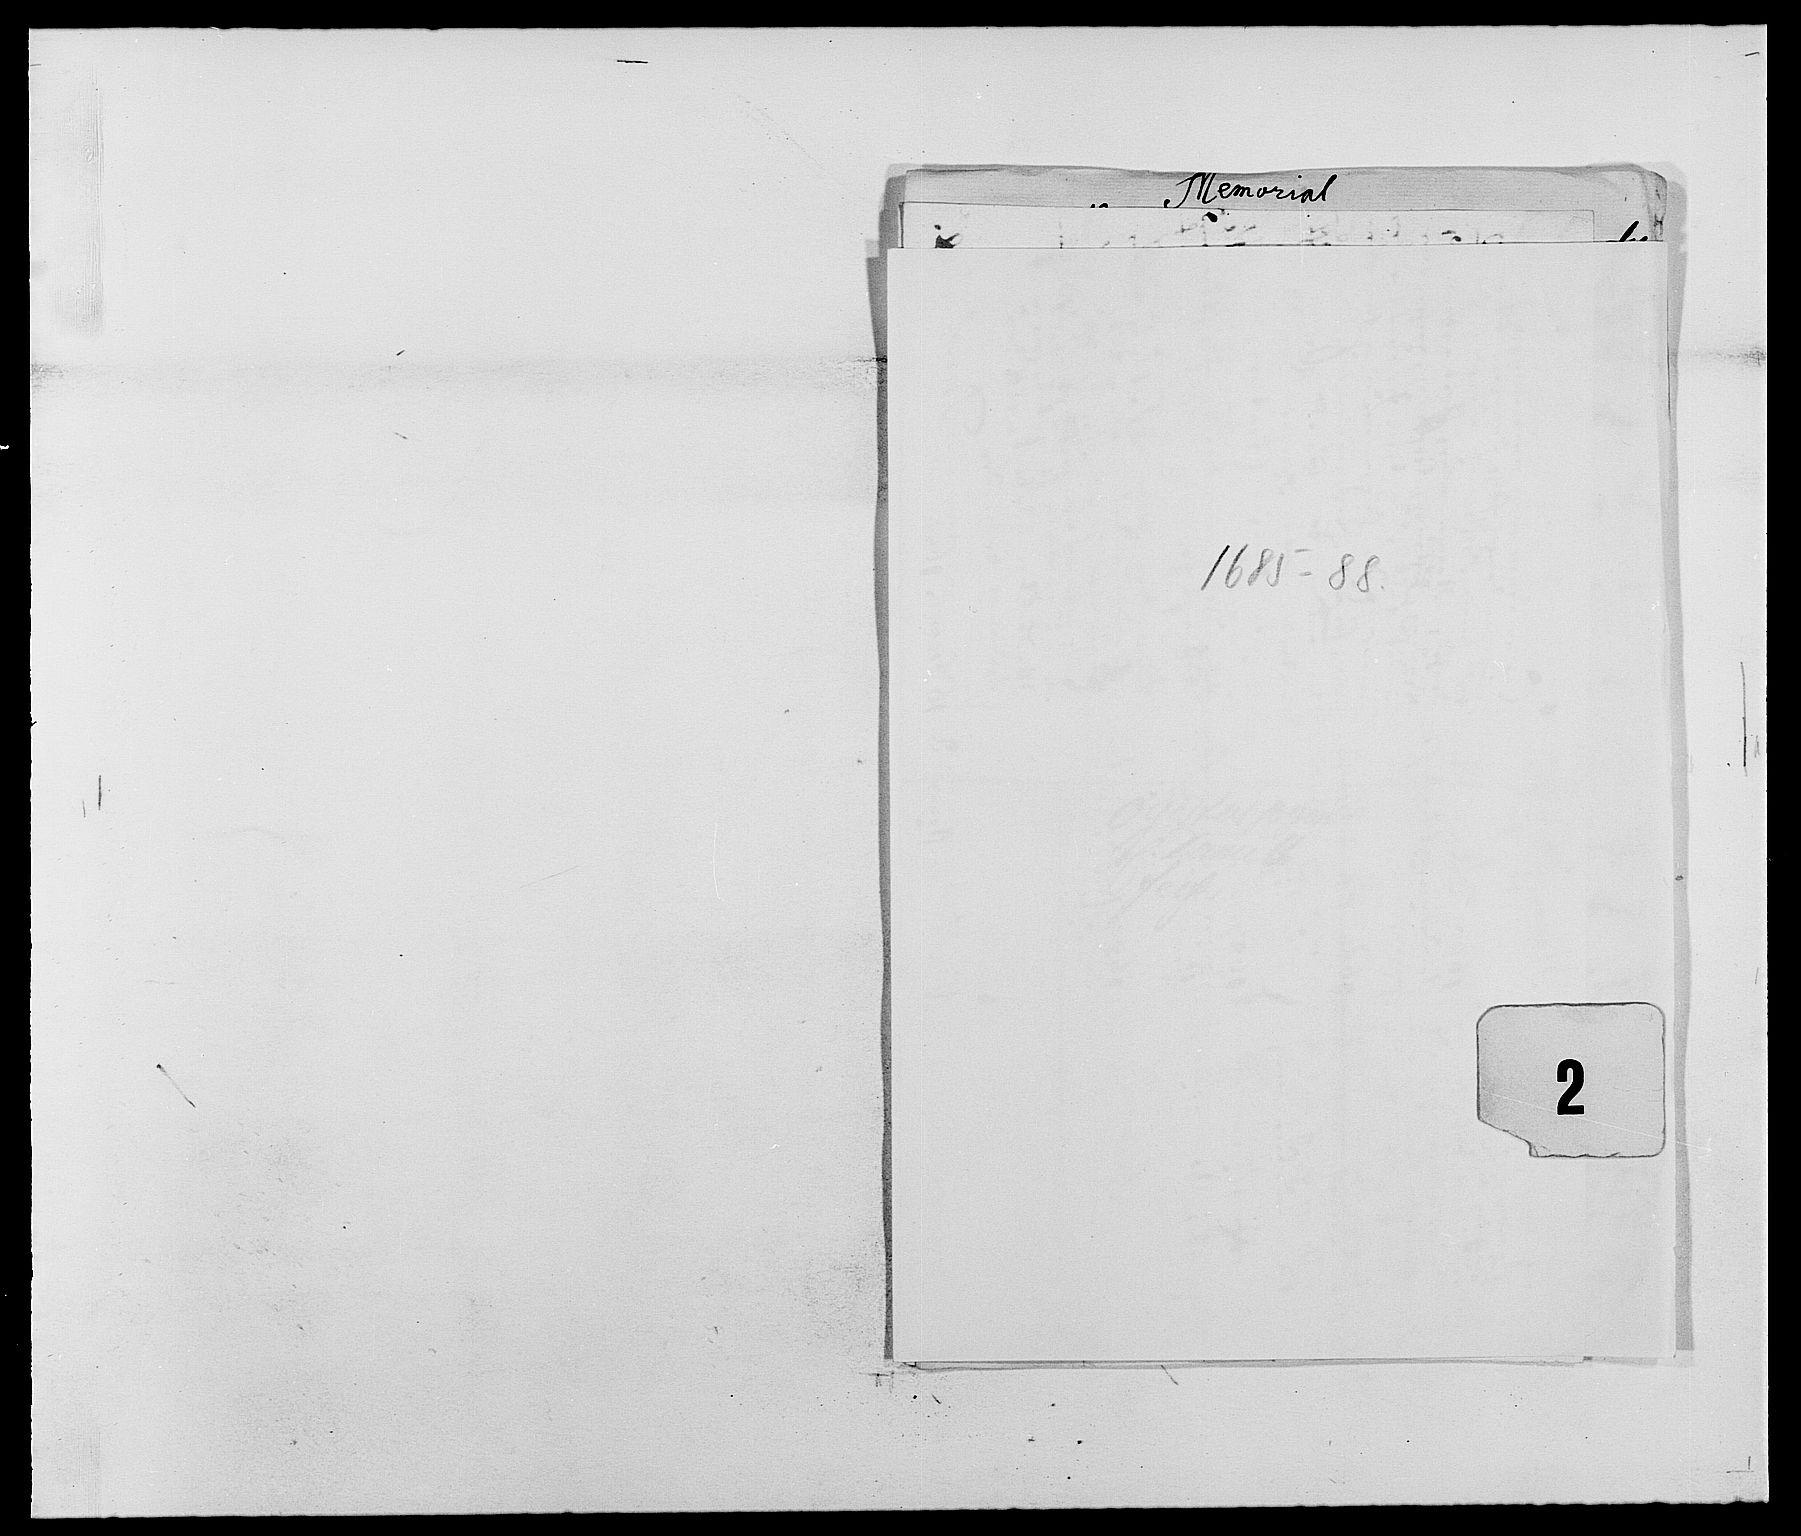 RA, Rentekammeret inntil 1814, Reviderte regnskaper, Fogderegnskap, R39/L2307: Fogderegnskap Nedenes, 1684-1689, s. 131